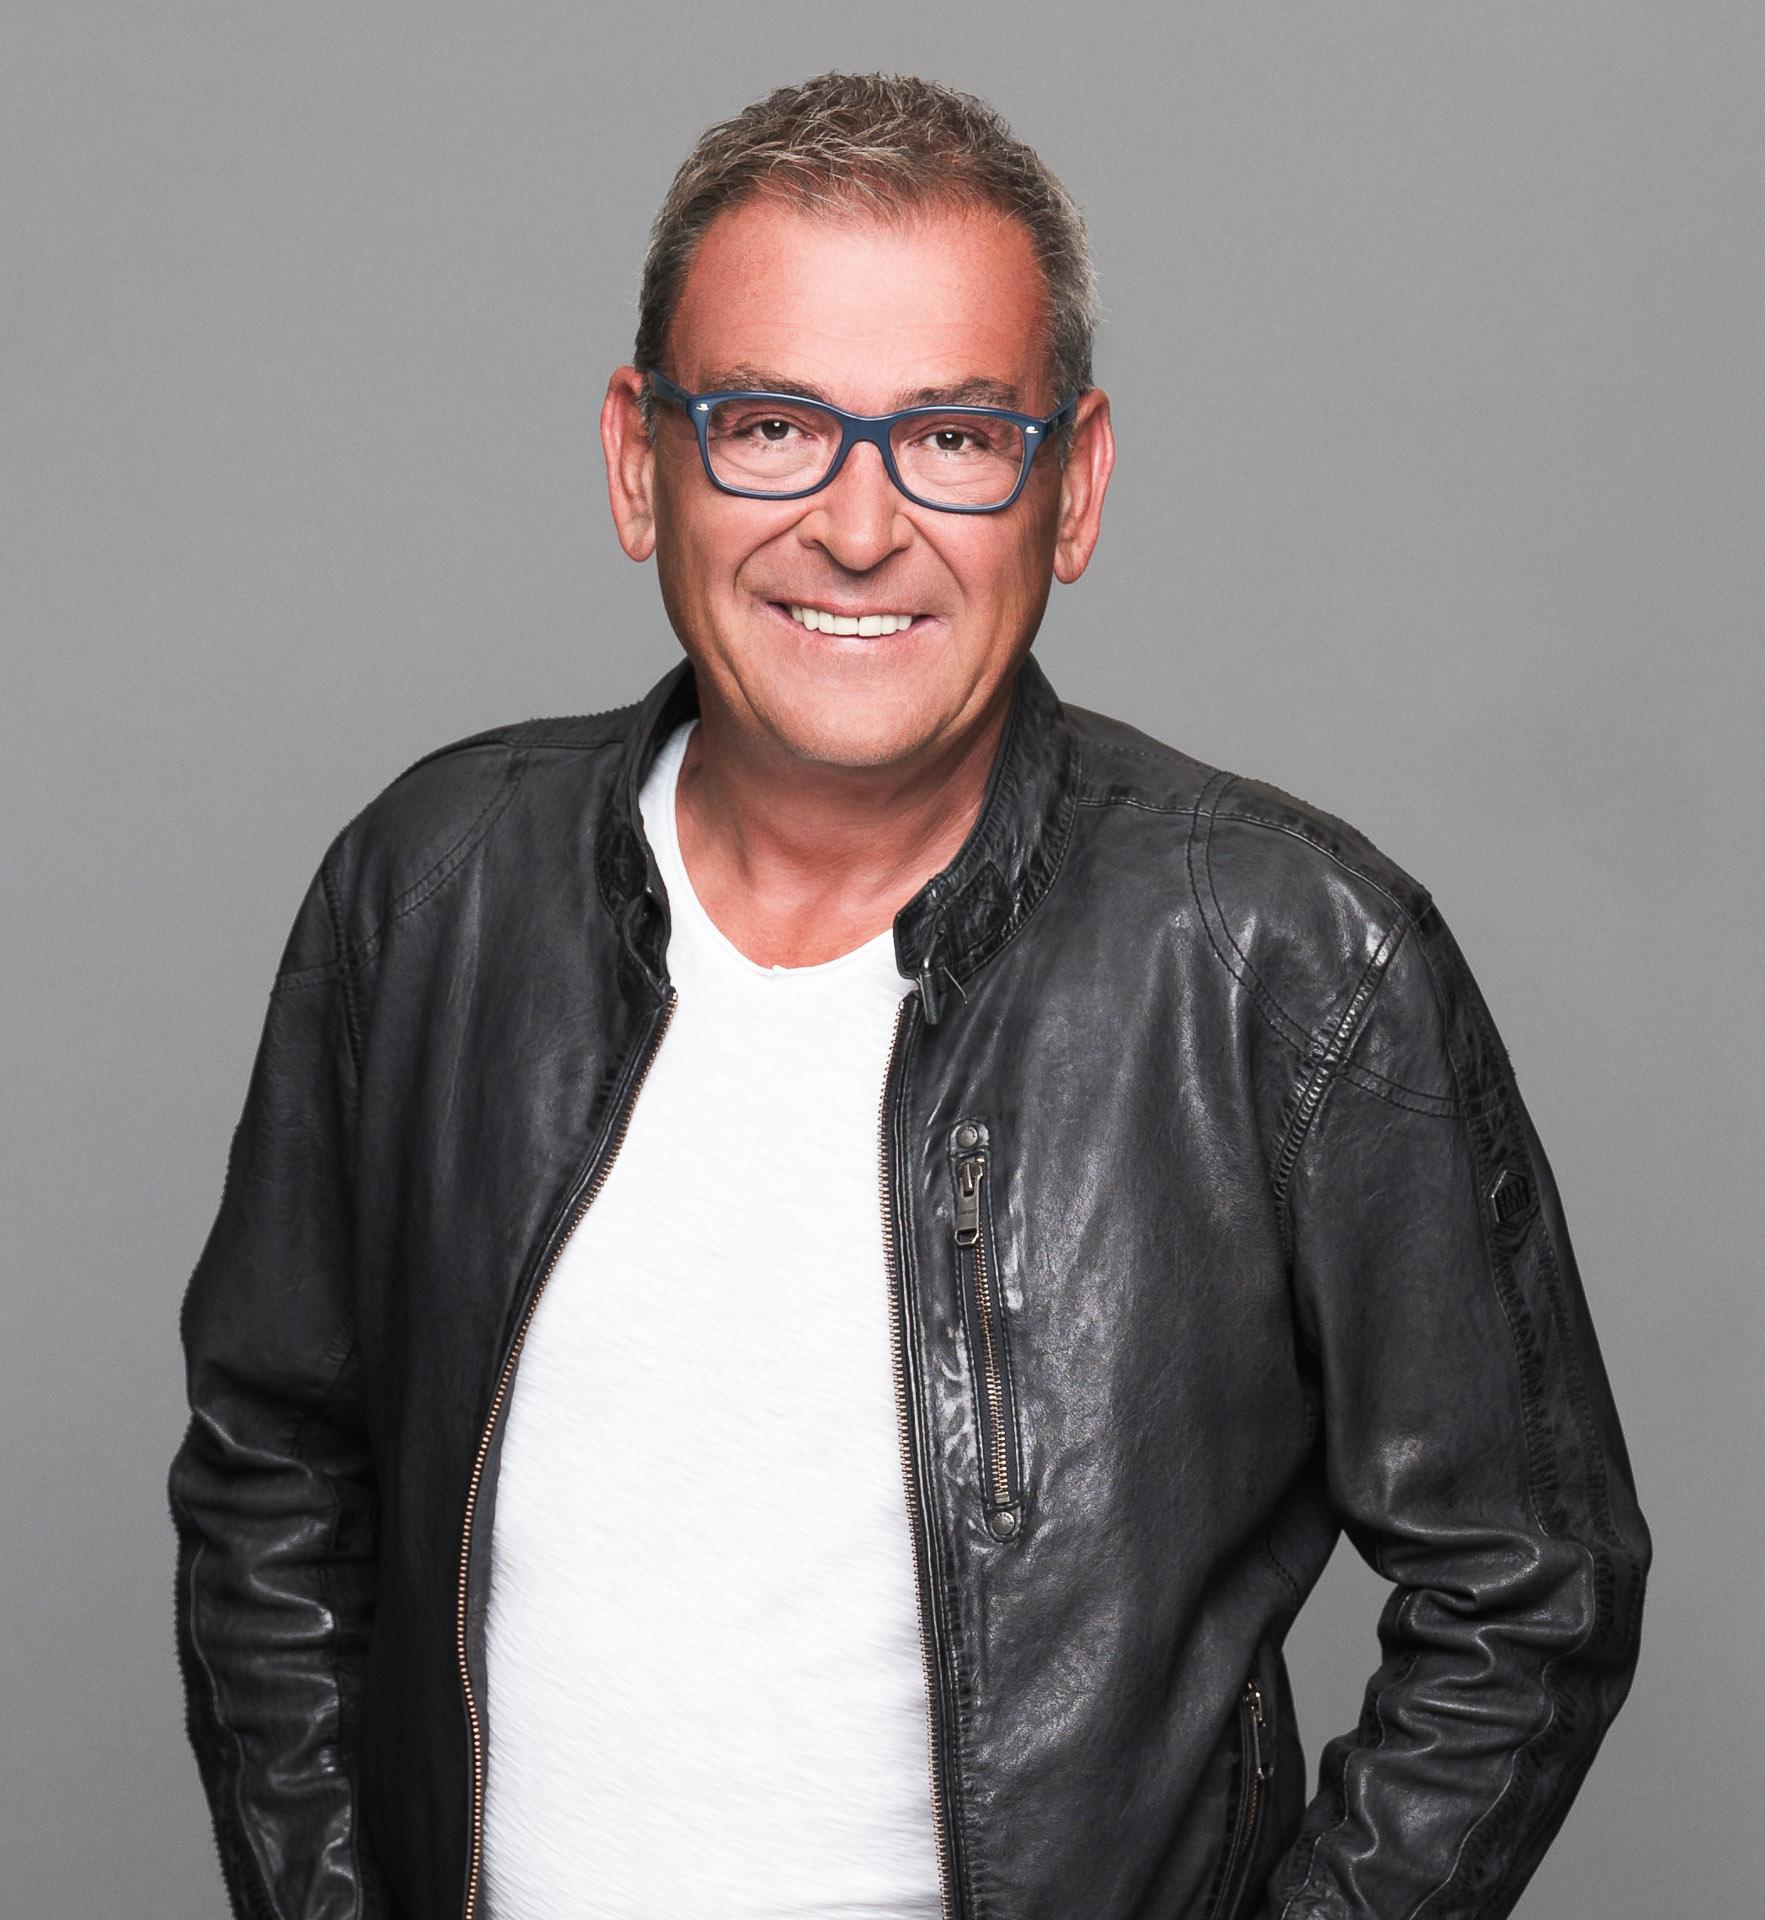 104.6 RTL holt Stars in Deutschlands groesstes Autokino